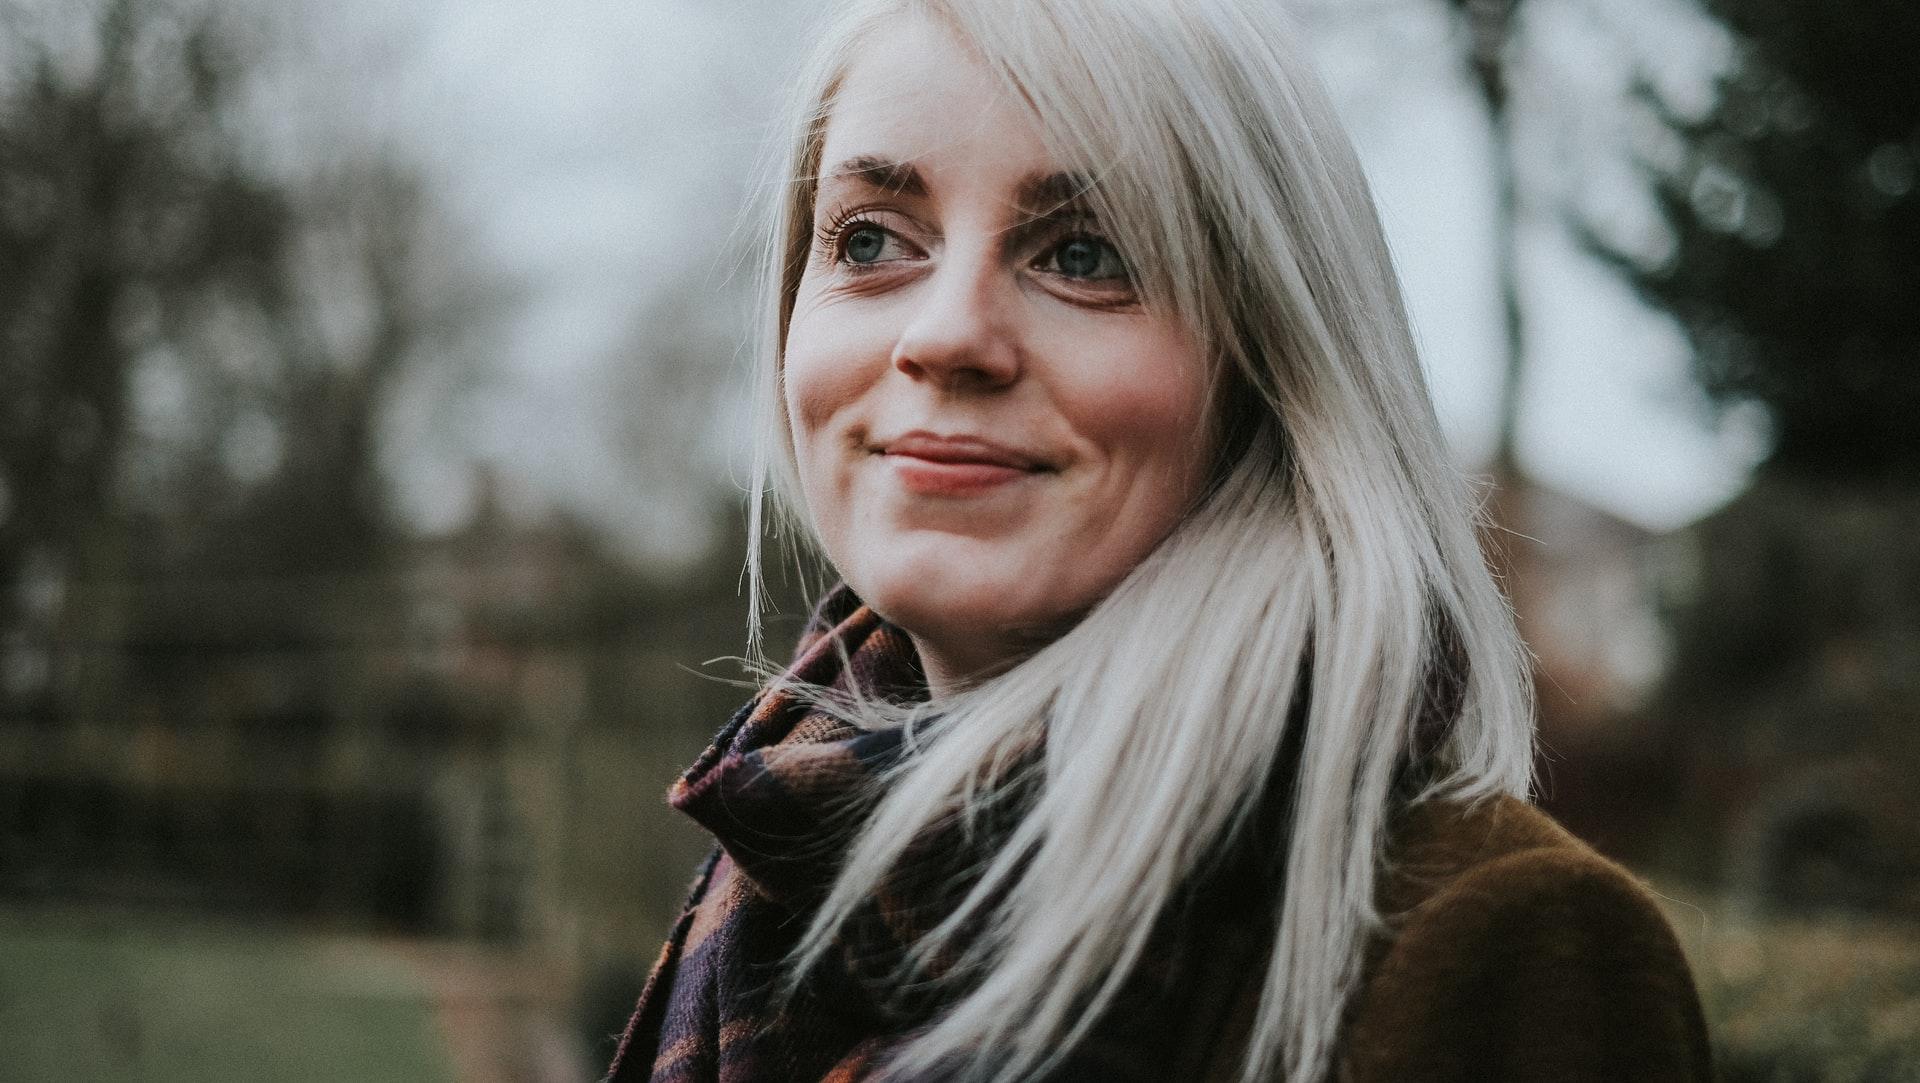 Job i Spil viste Janni, at vejen til job var kortere, end hun troede